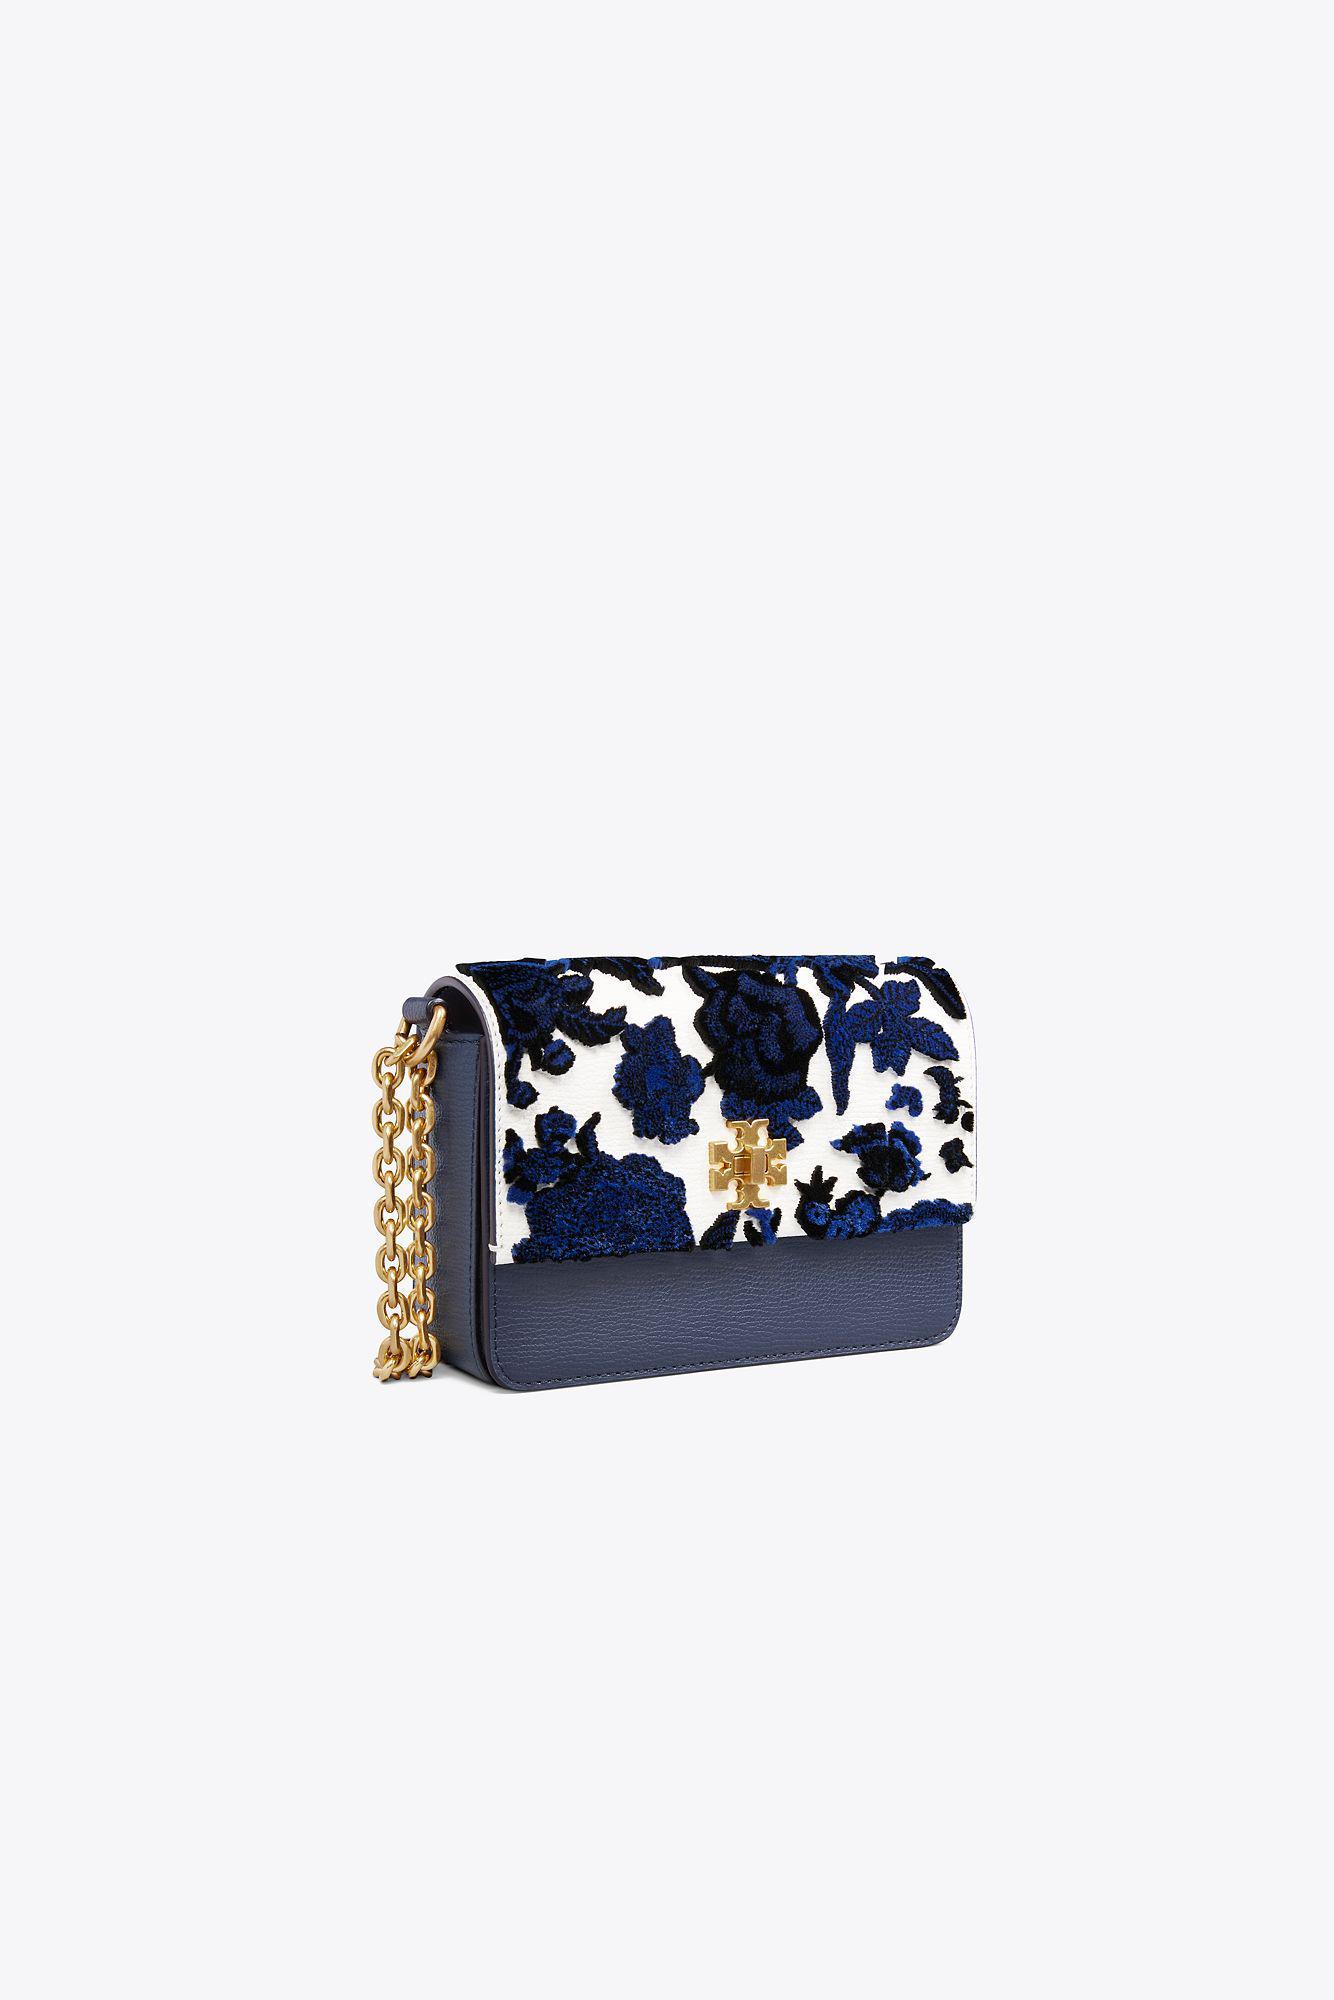 08025b1e4e1 Tory Burch - Blue Kira Fil Coupe Mini Leather   Velvet Convertible Shoulder  Bag - Lyst. View fullscreen